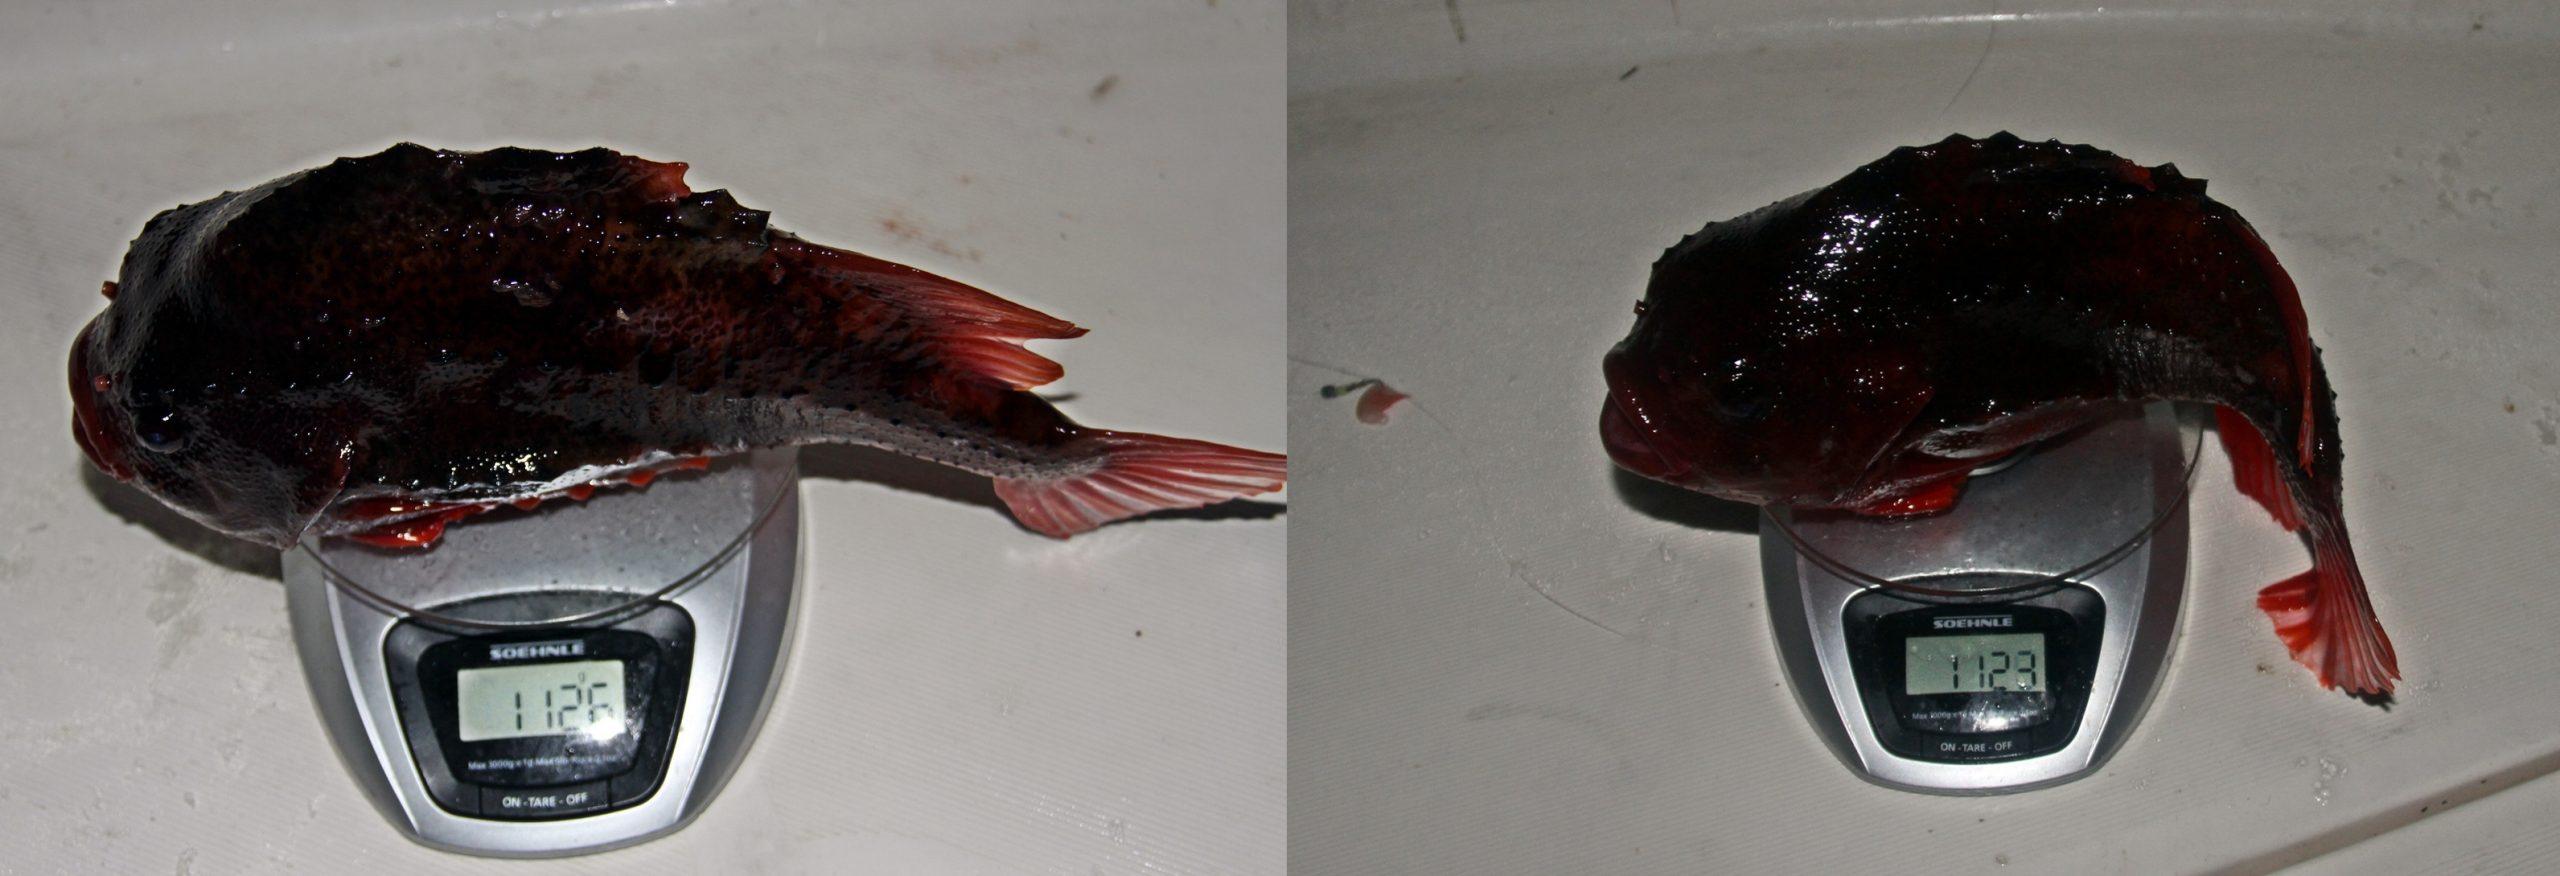 Bare noen få gram mellom disse to fiskene